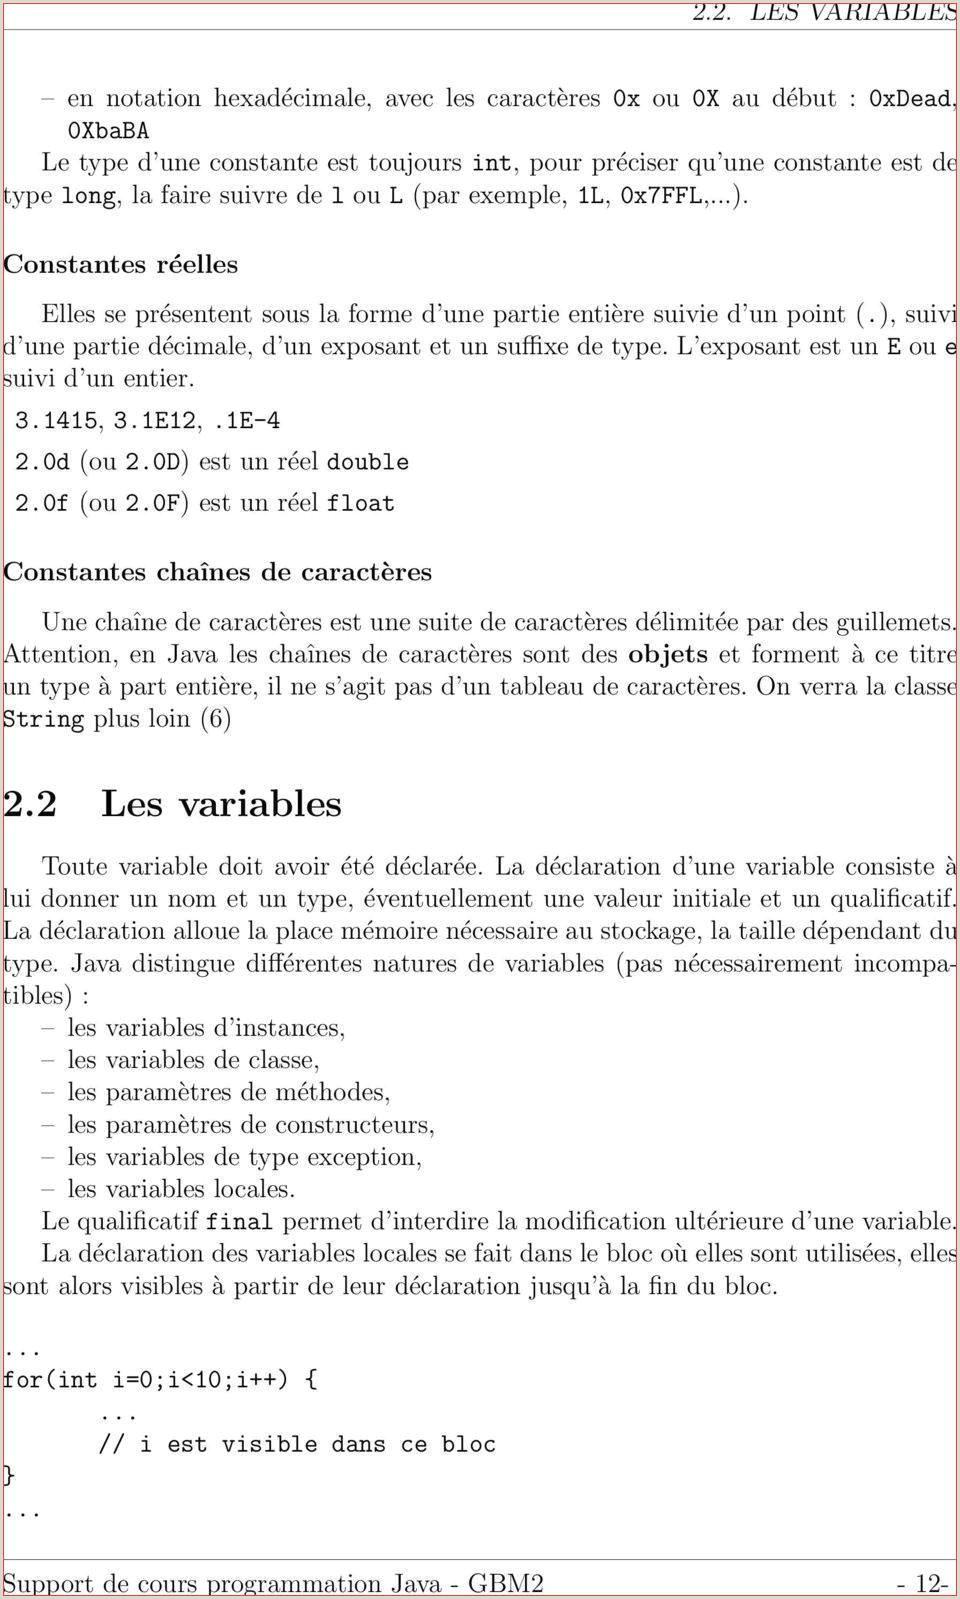 Exemple De Lettre En Italien Les Meilleur Resume Model Type